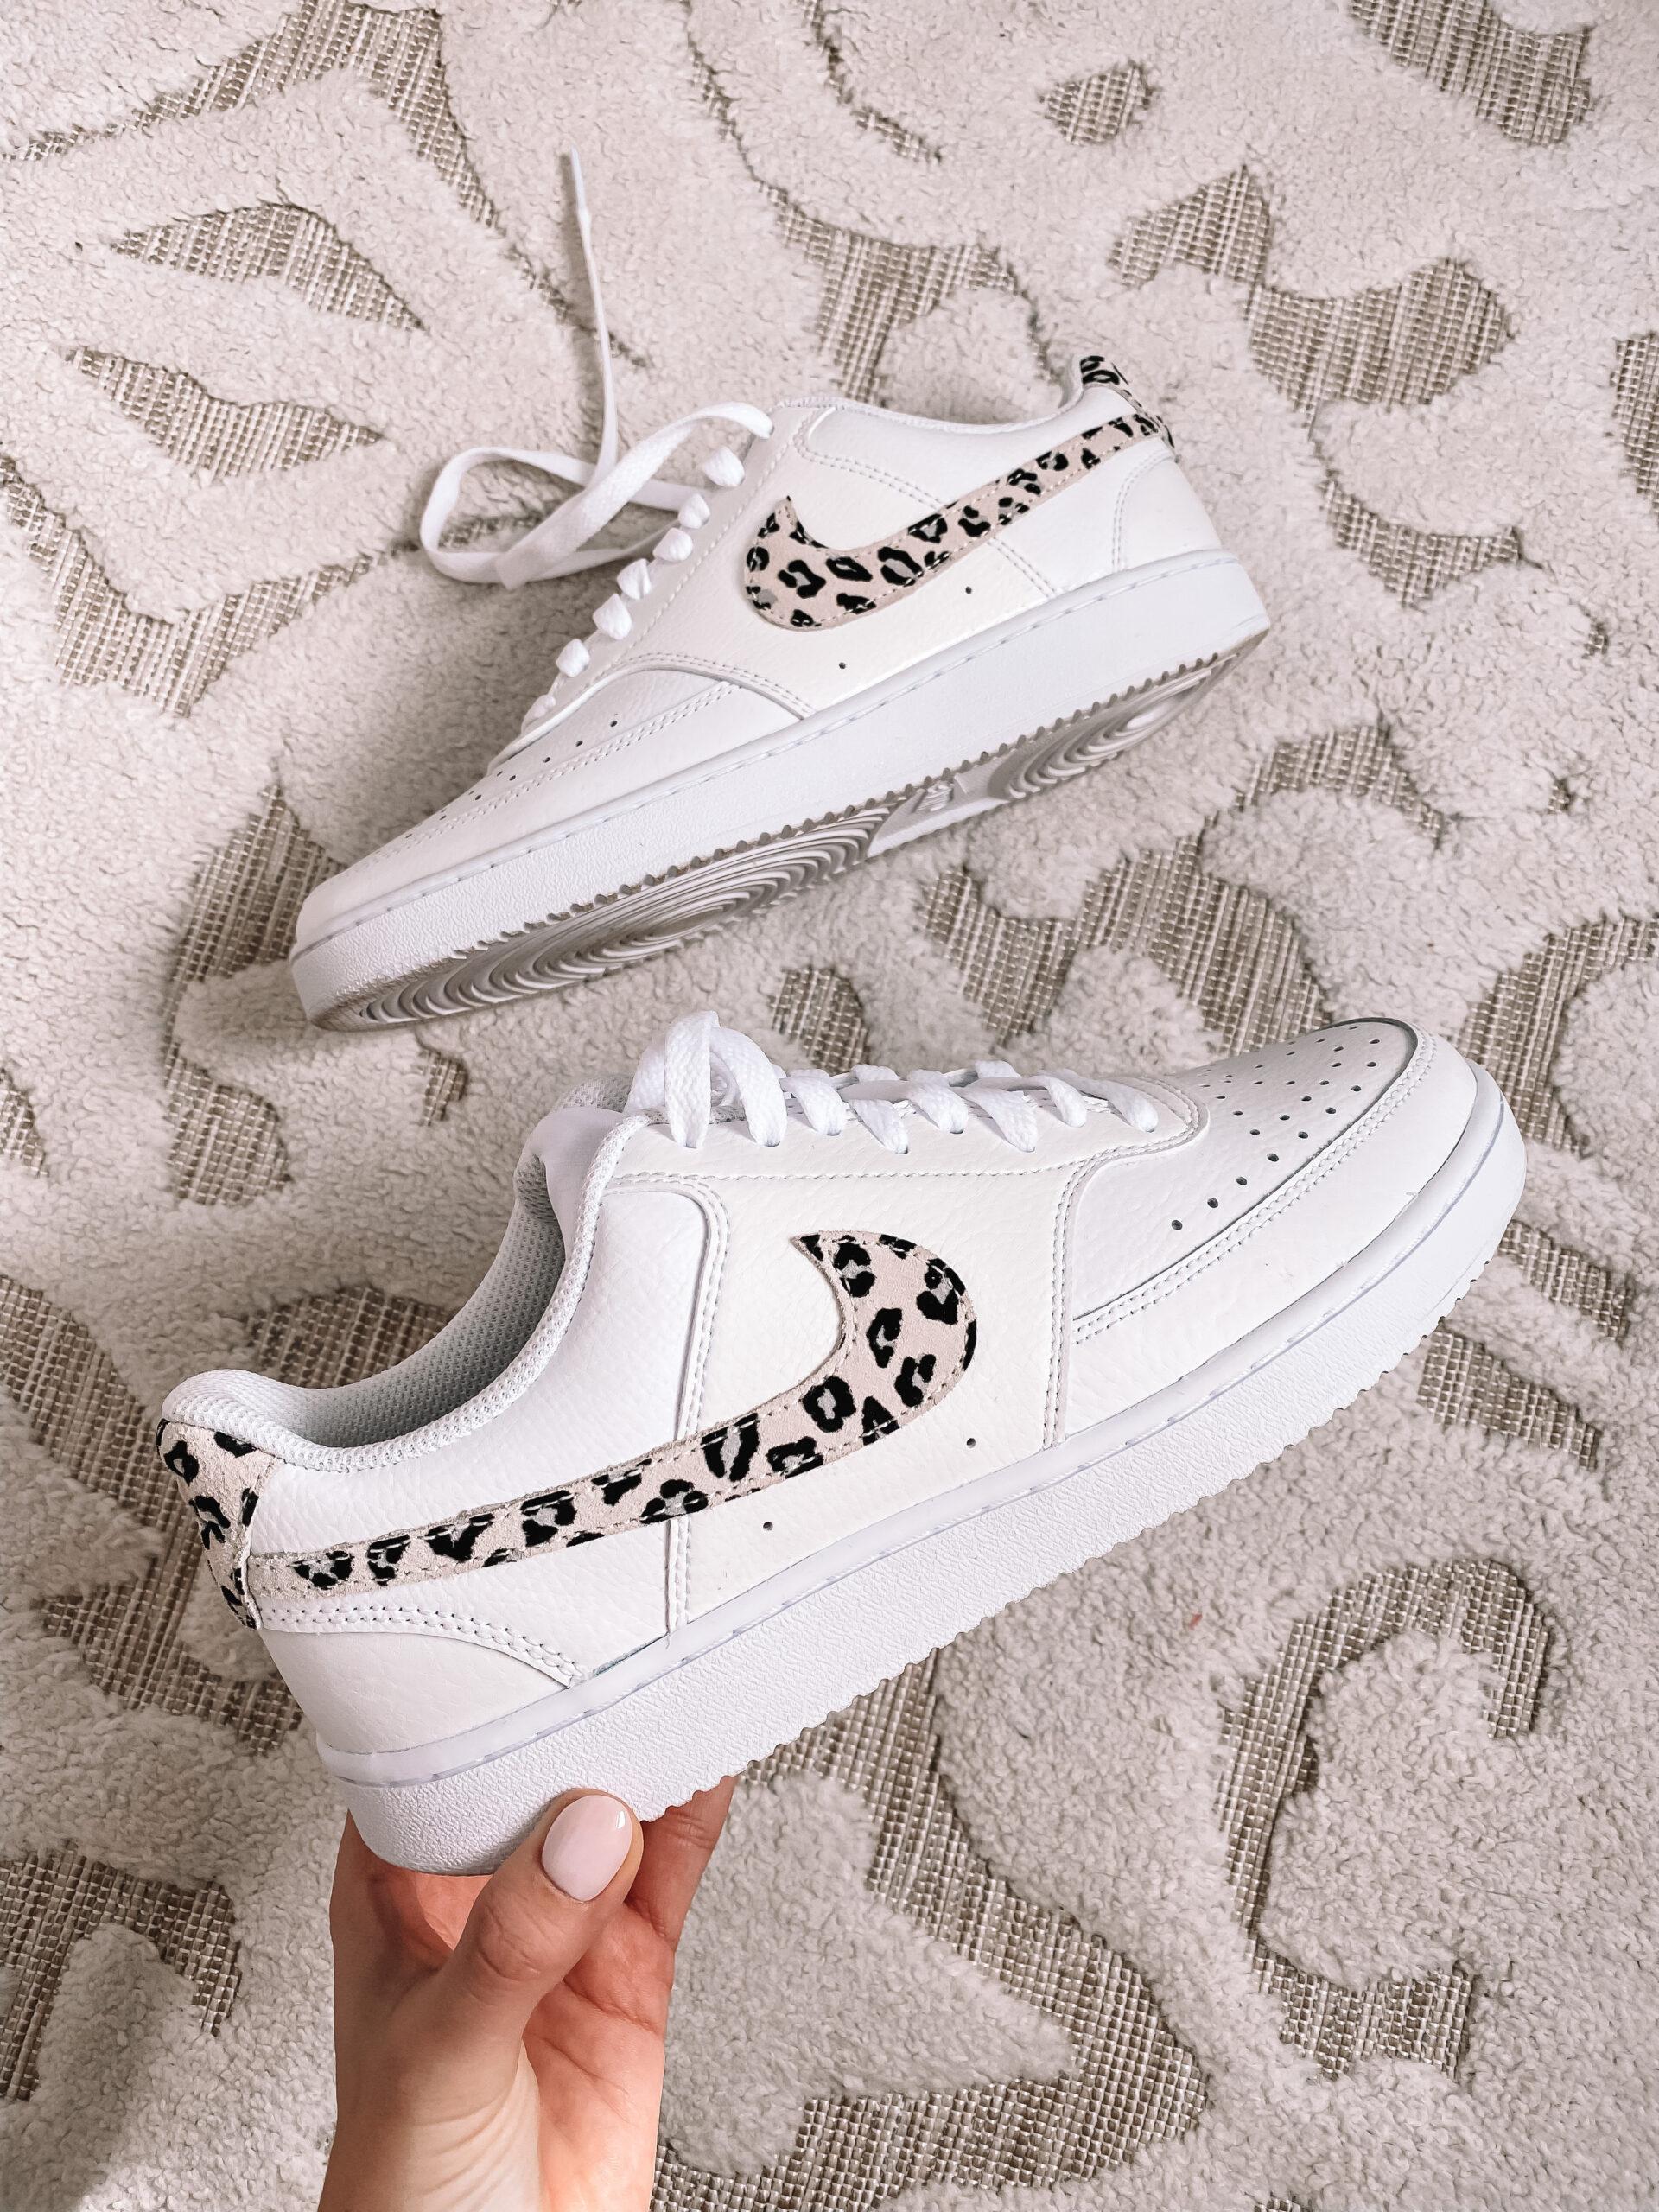 Nike leopard sneakers